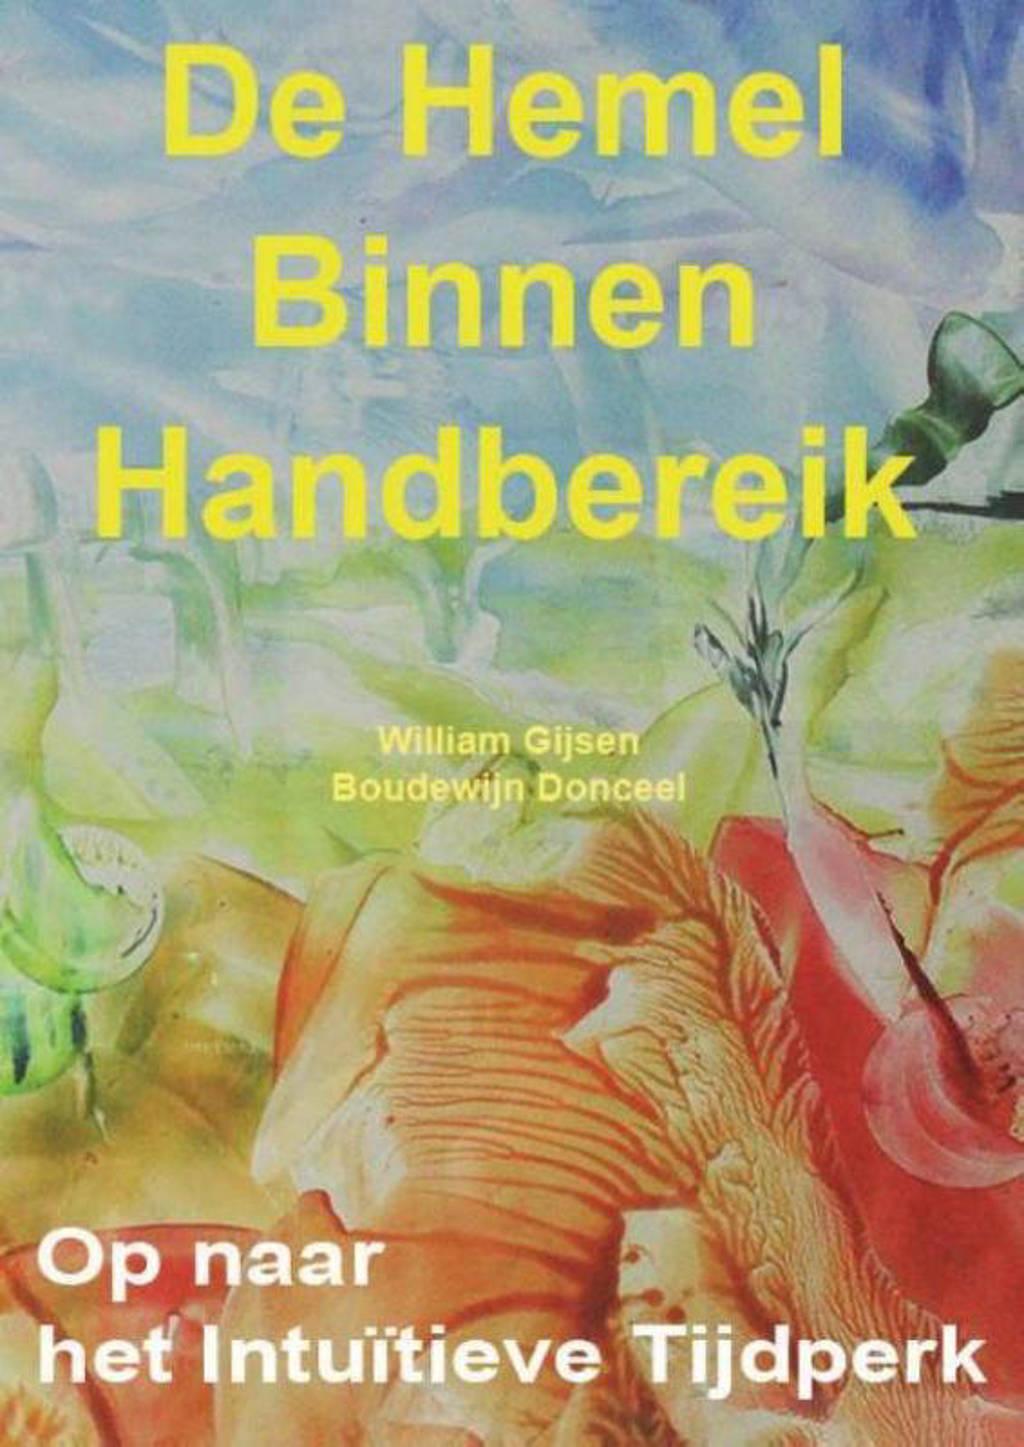 De Hemel binnen handbereik - William Gijsen en Boudewijn Donceel